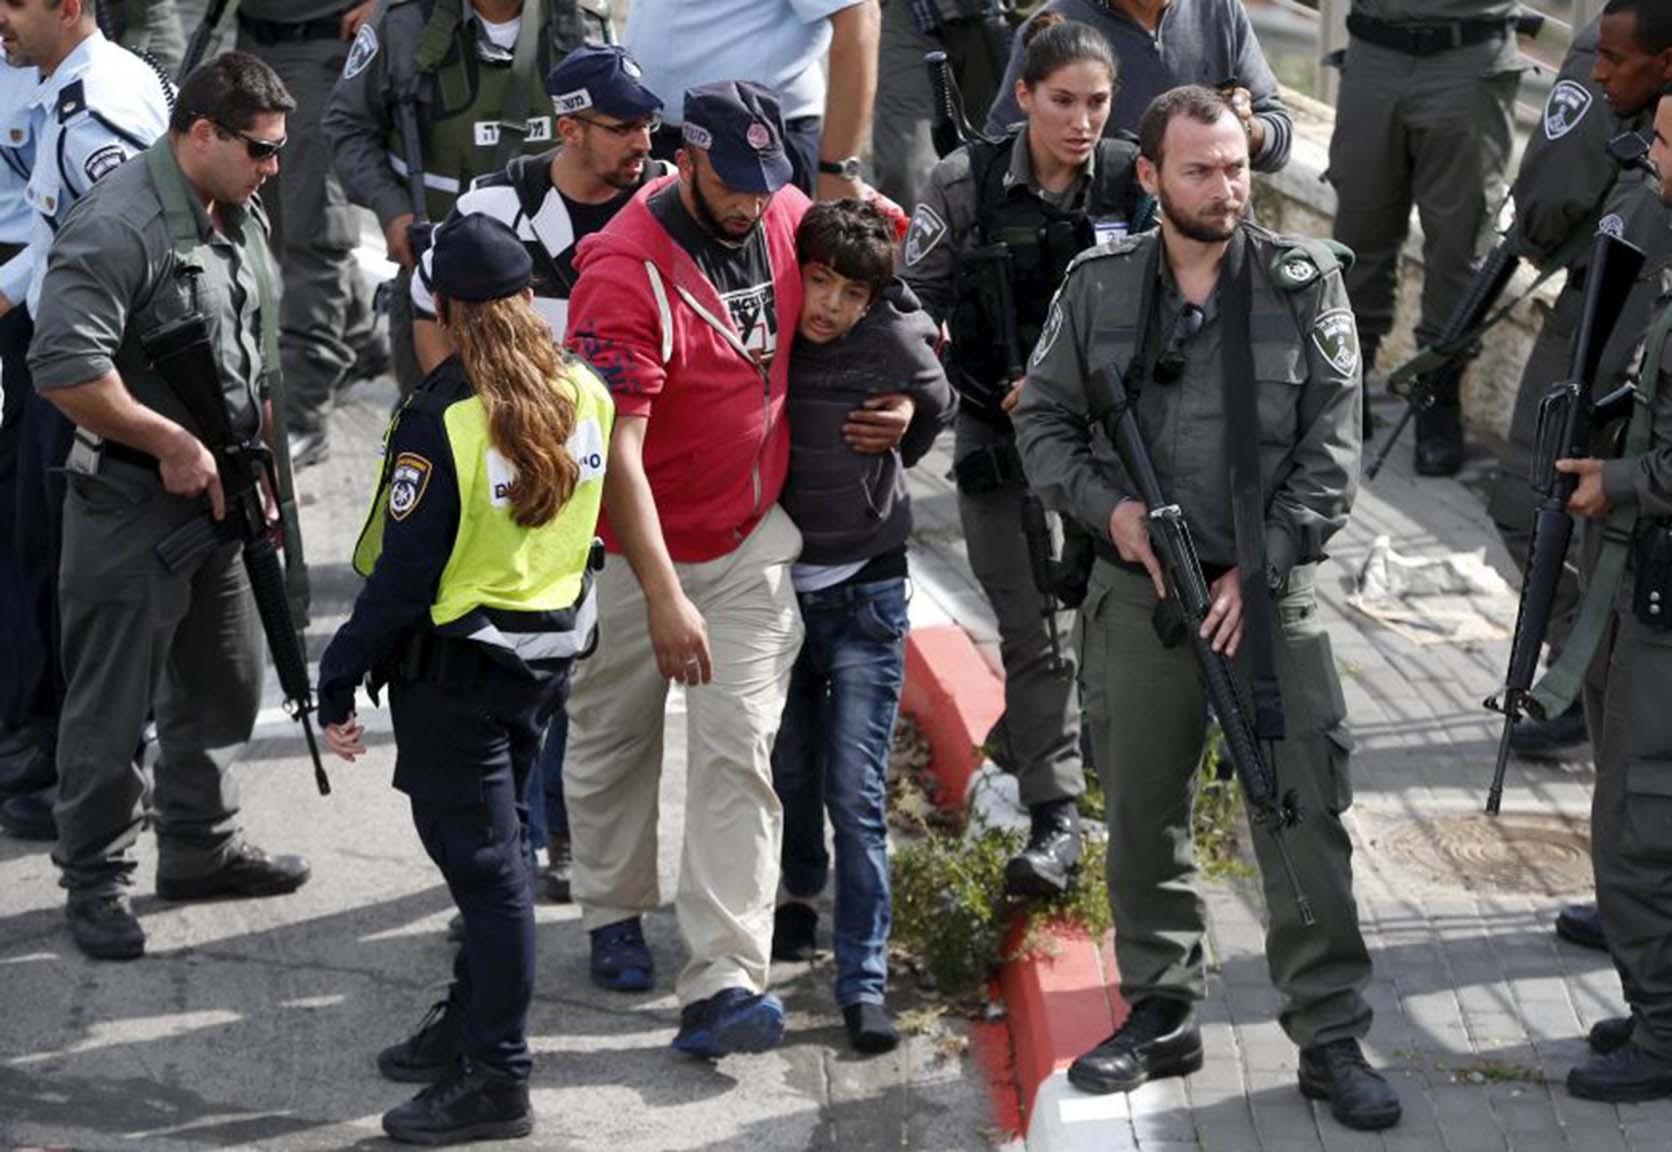 Israeli police lead away a Palestinian minor in Pisgat Zeev